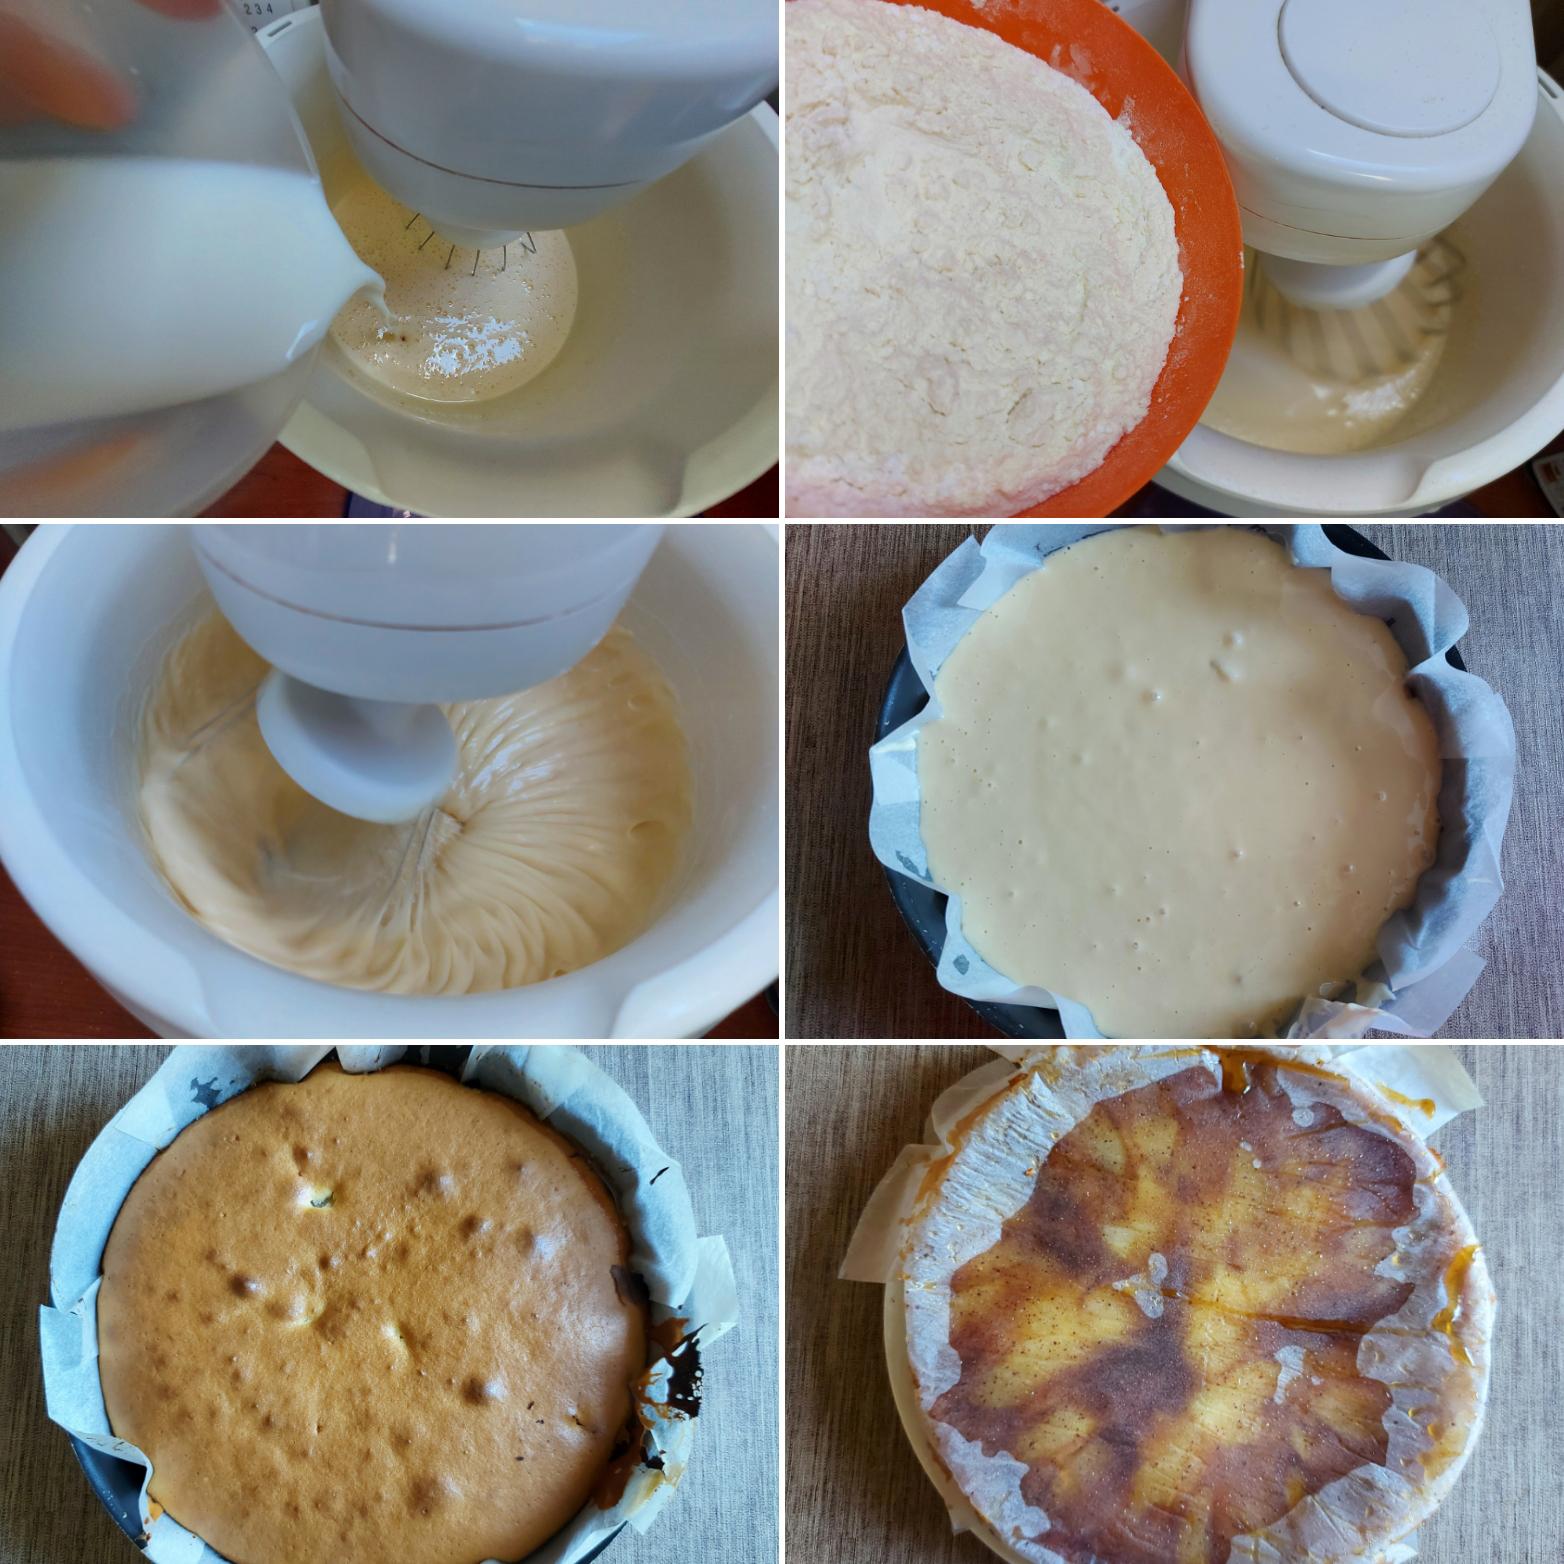 Prevrnuti-kolac-sa-kruskama-i-karamelom-10.jpg